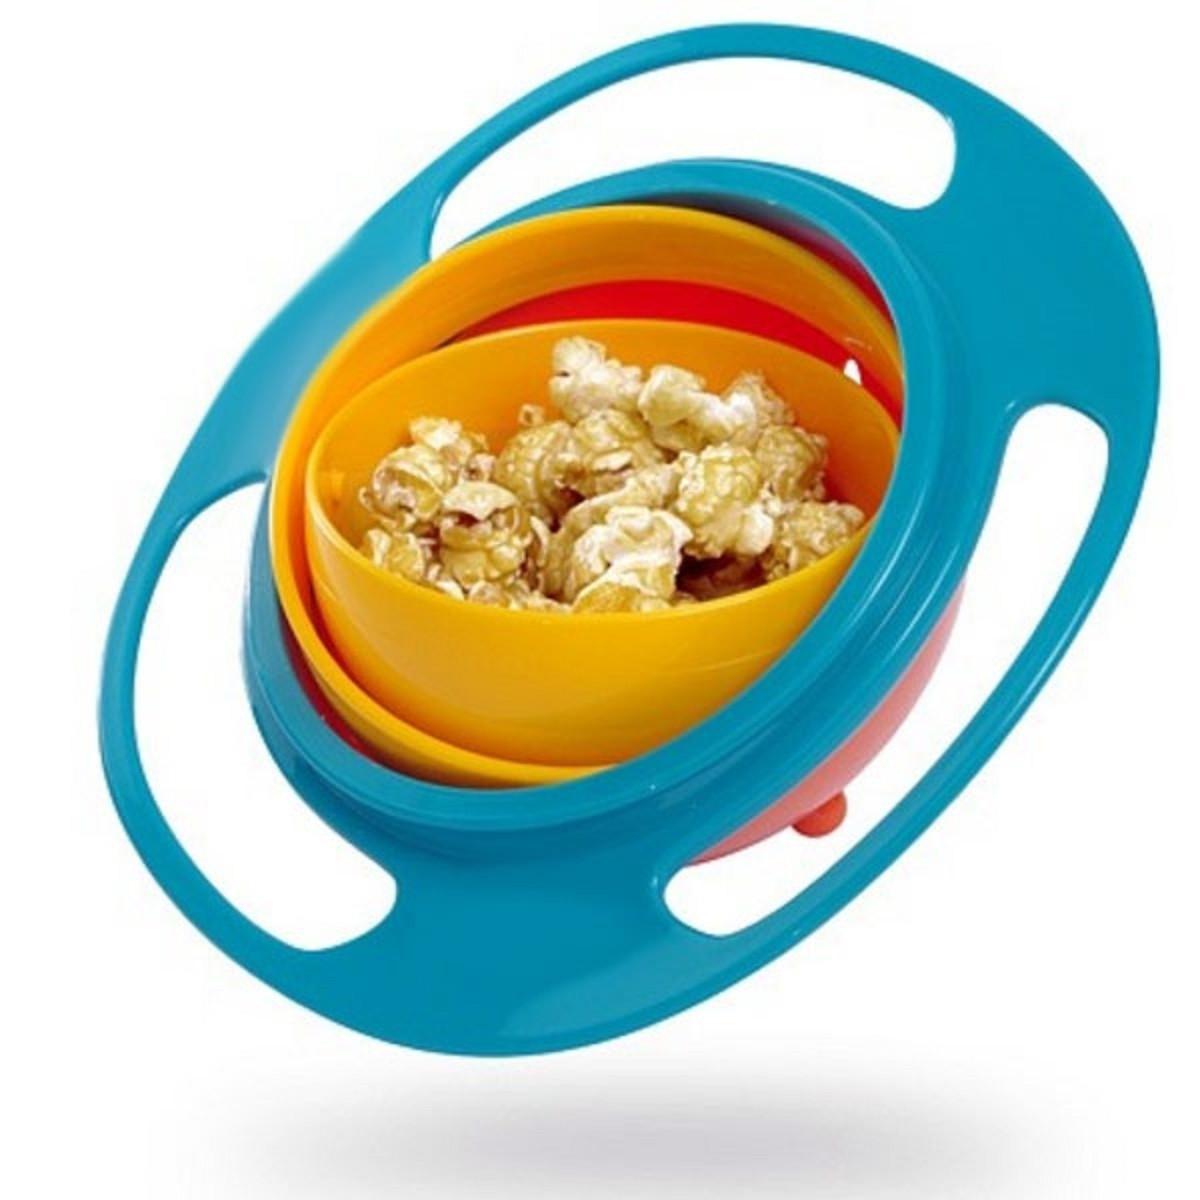 Тарелка-непроливайка Gyro Bowl